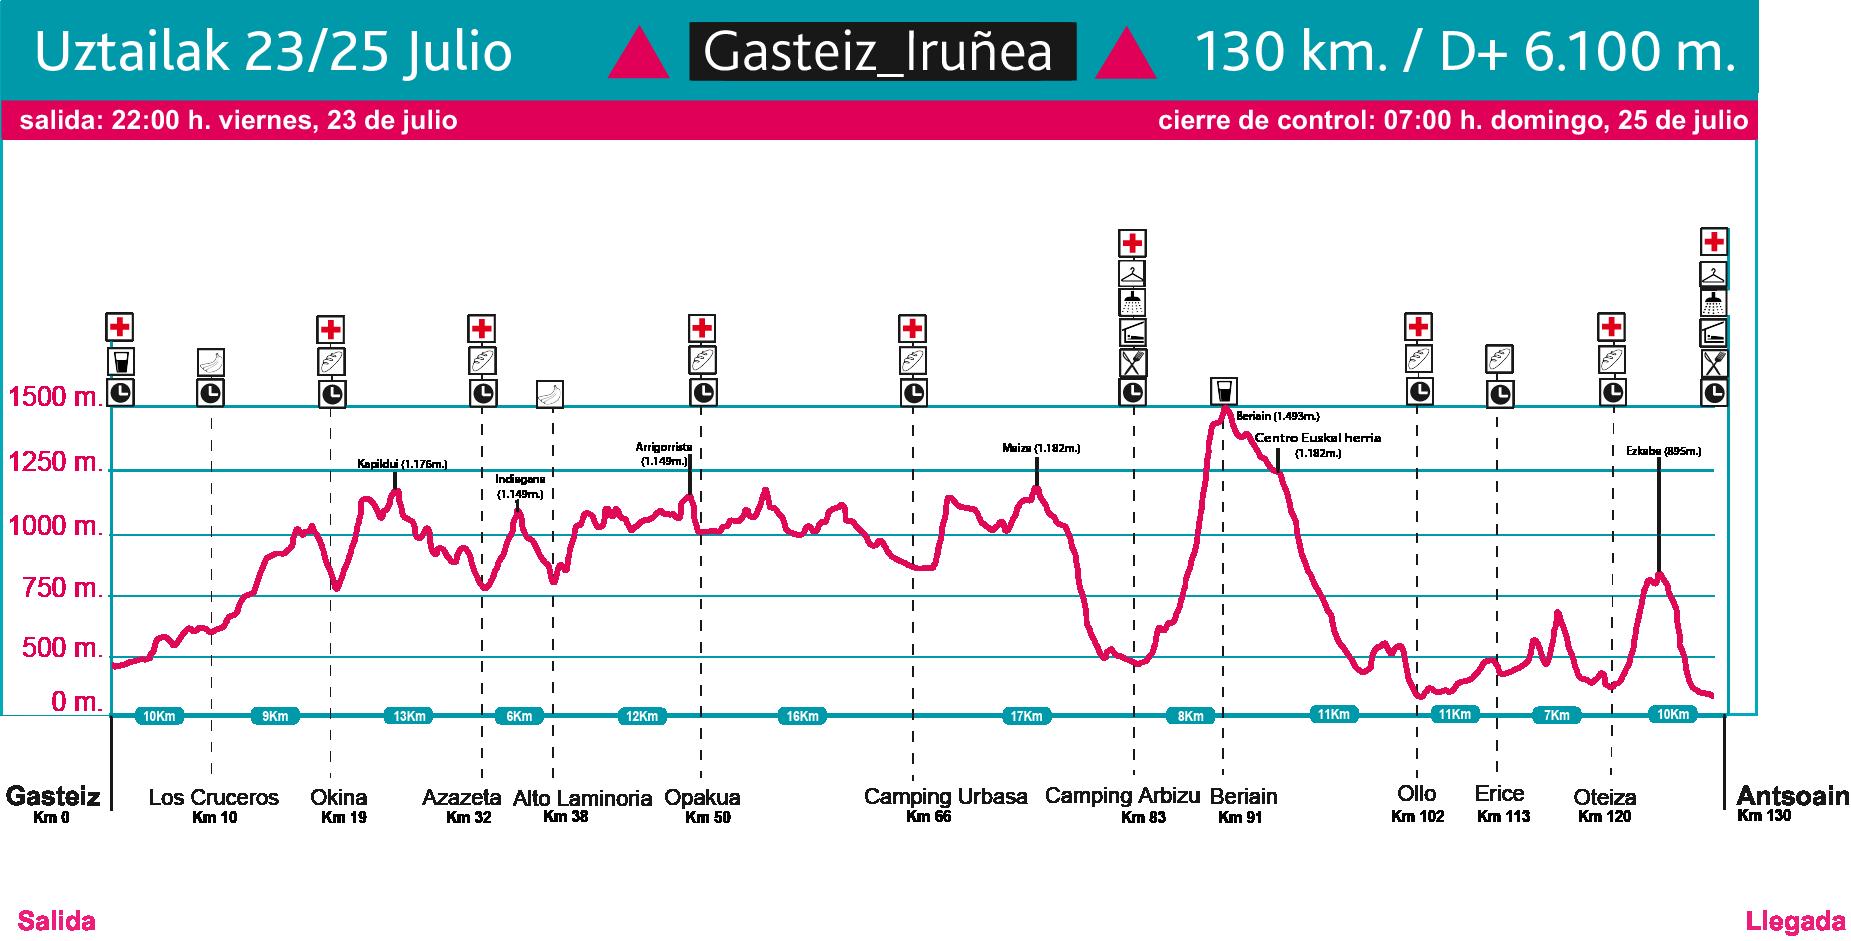 BUTS 2021 - Gasteiz_Iruñea(Antsoain)